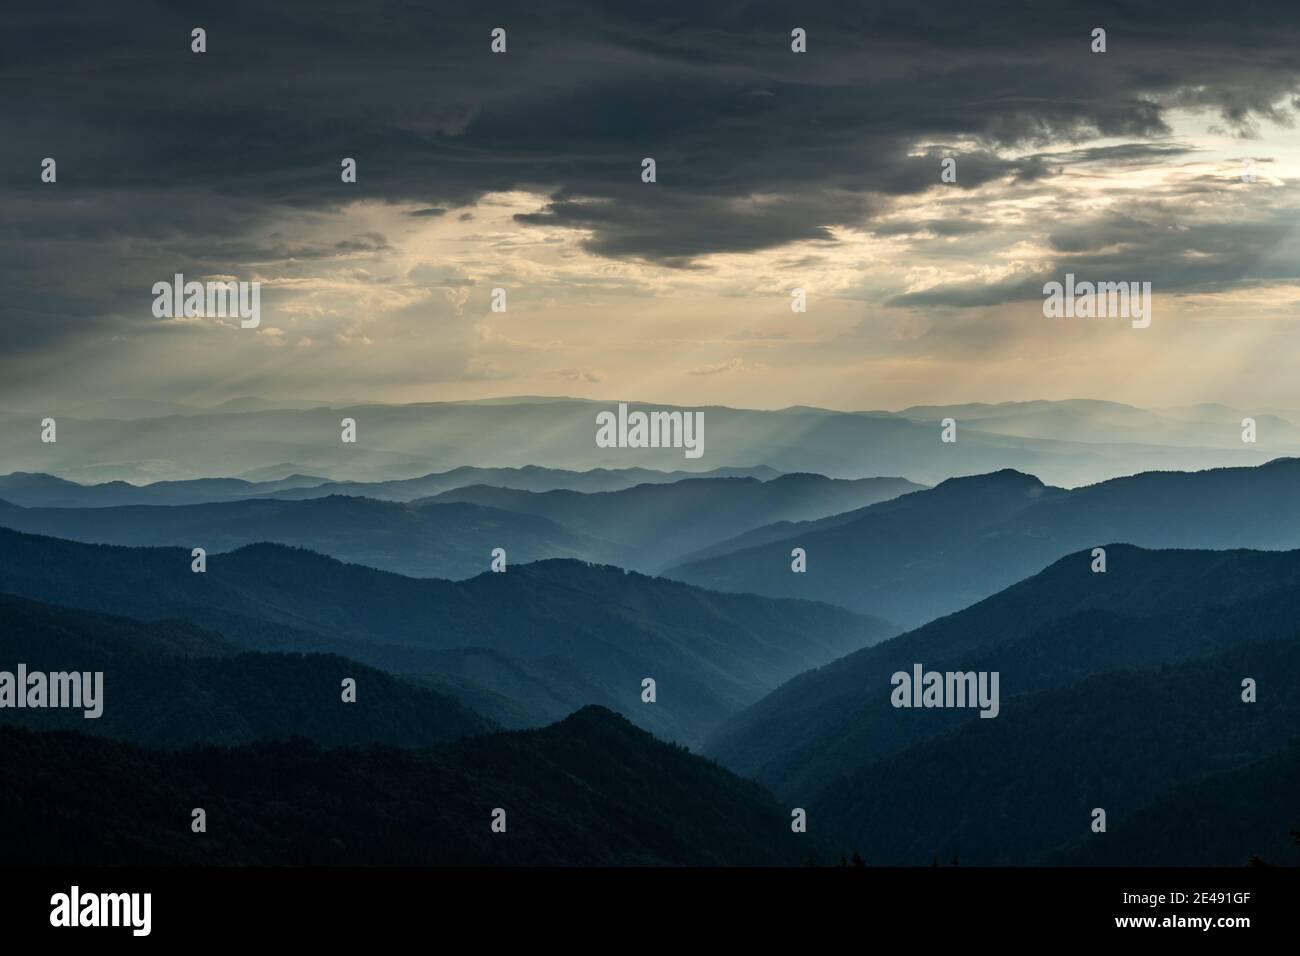 Brouillard du matin dans les montagnes du printemps. Magnifique lever de soleil sur fond. Photographie de paysage Banque D'Images